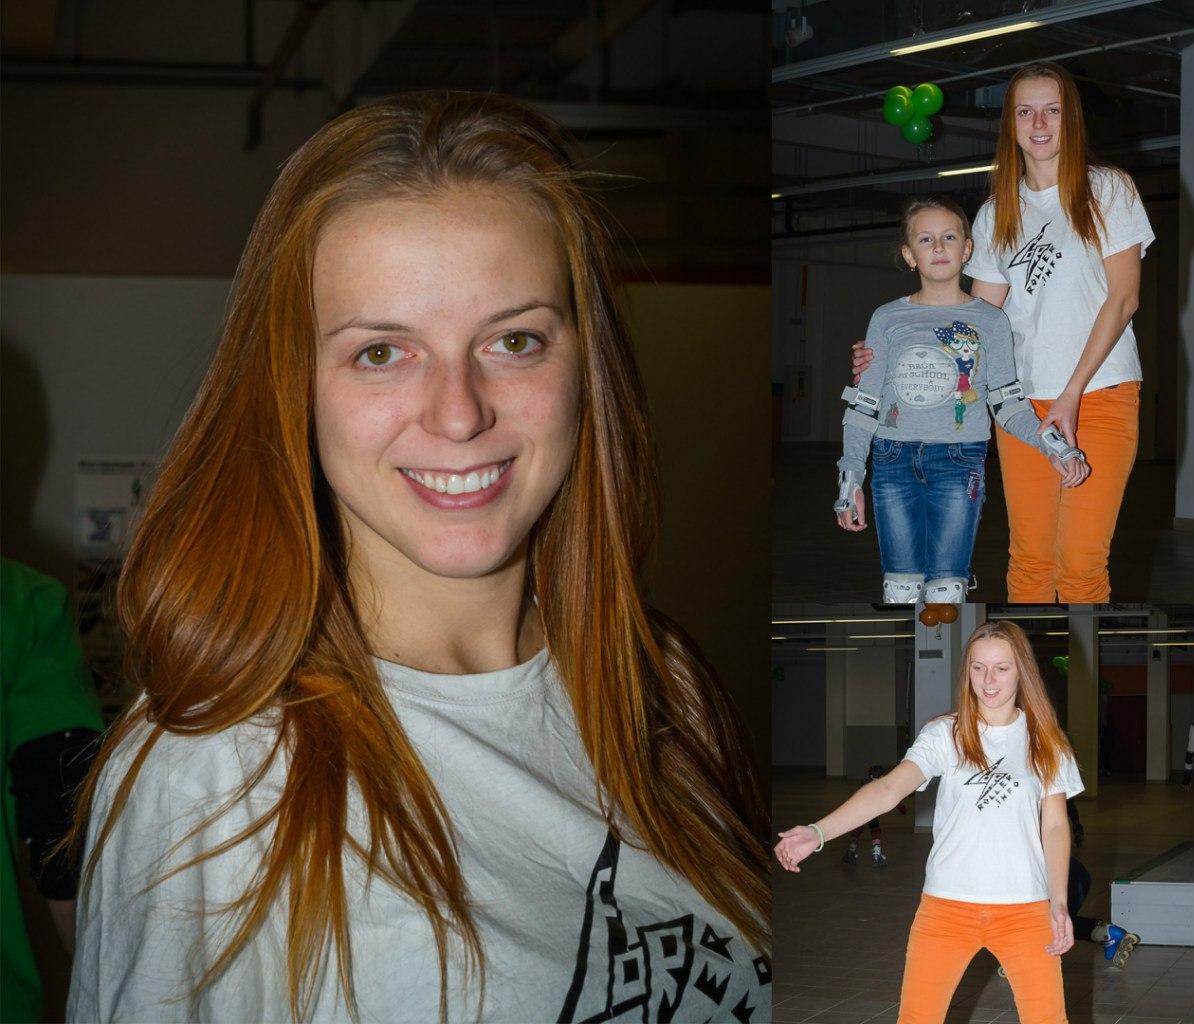 Вера - инструктор роллер школы 4roller.info и её милая ученица